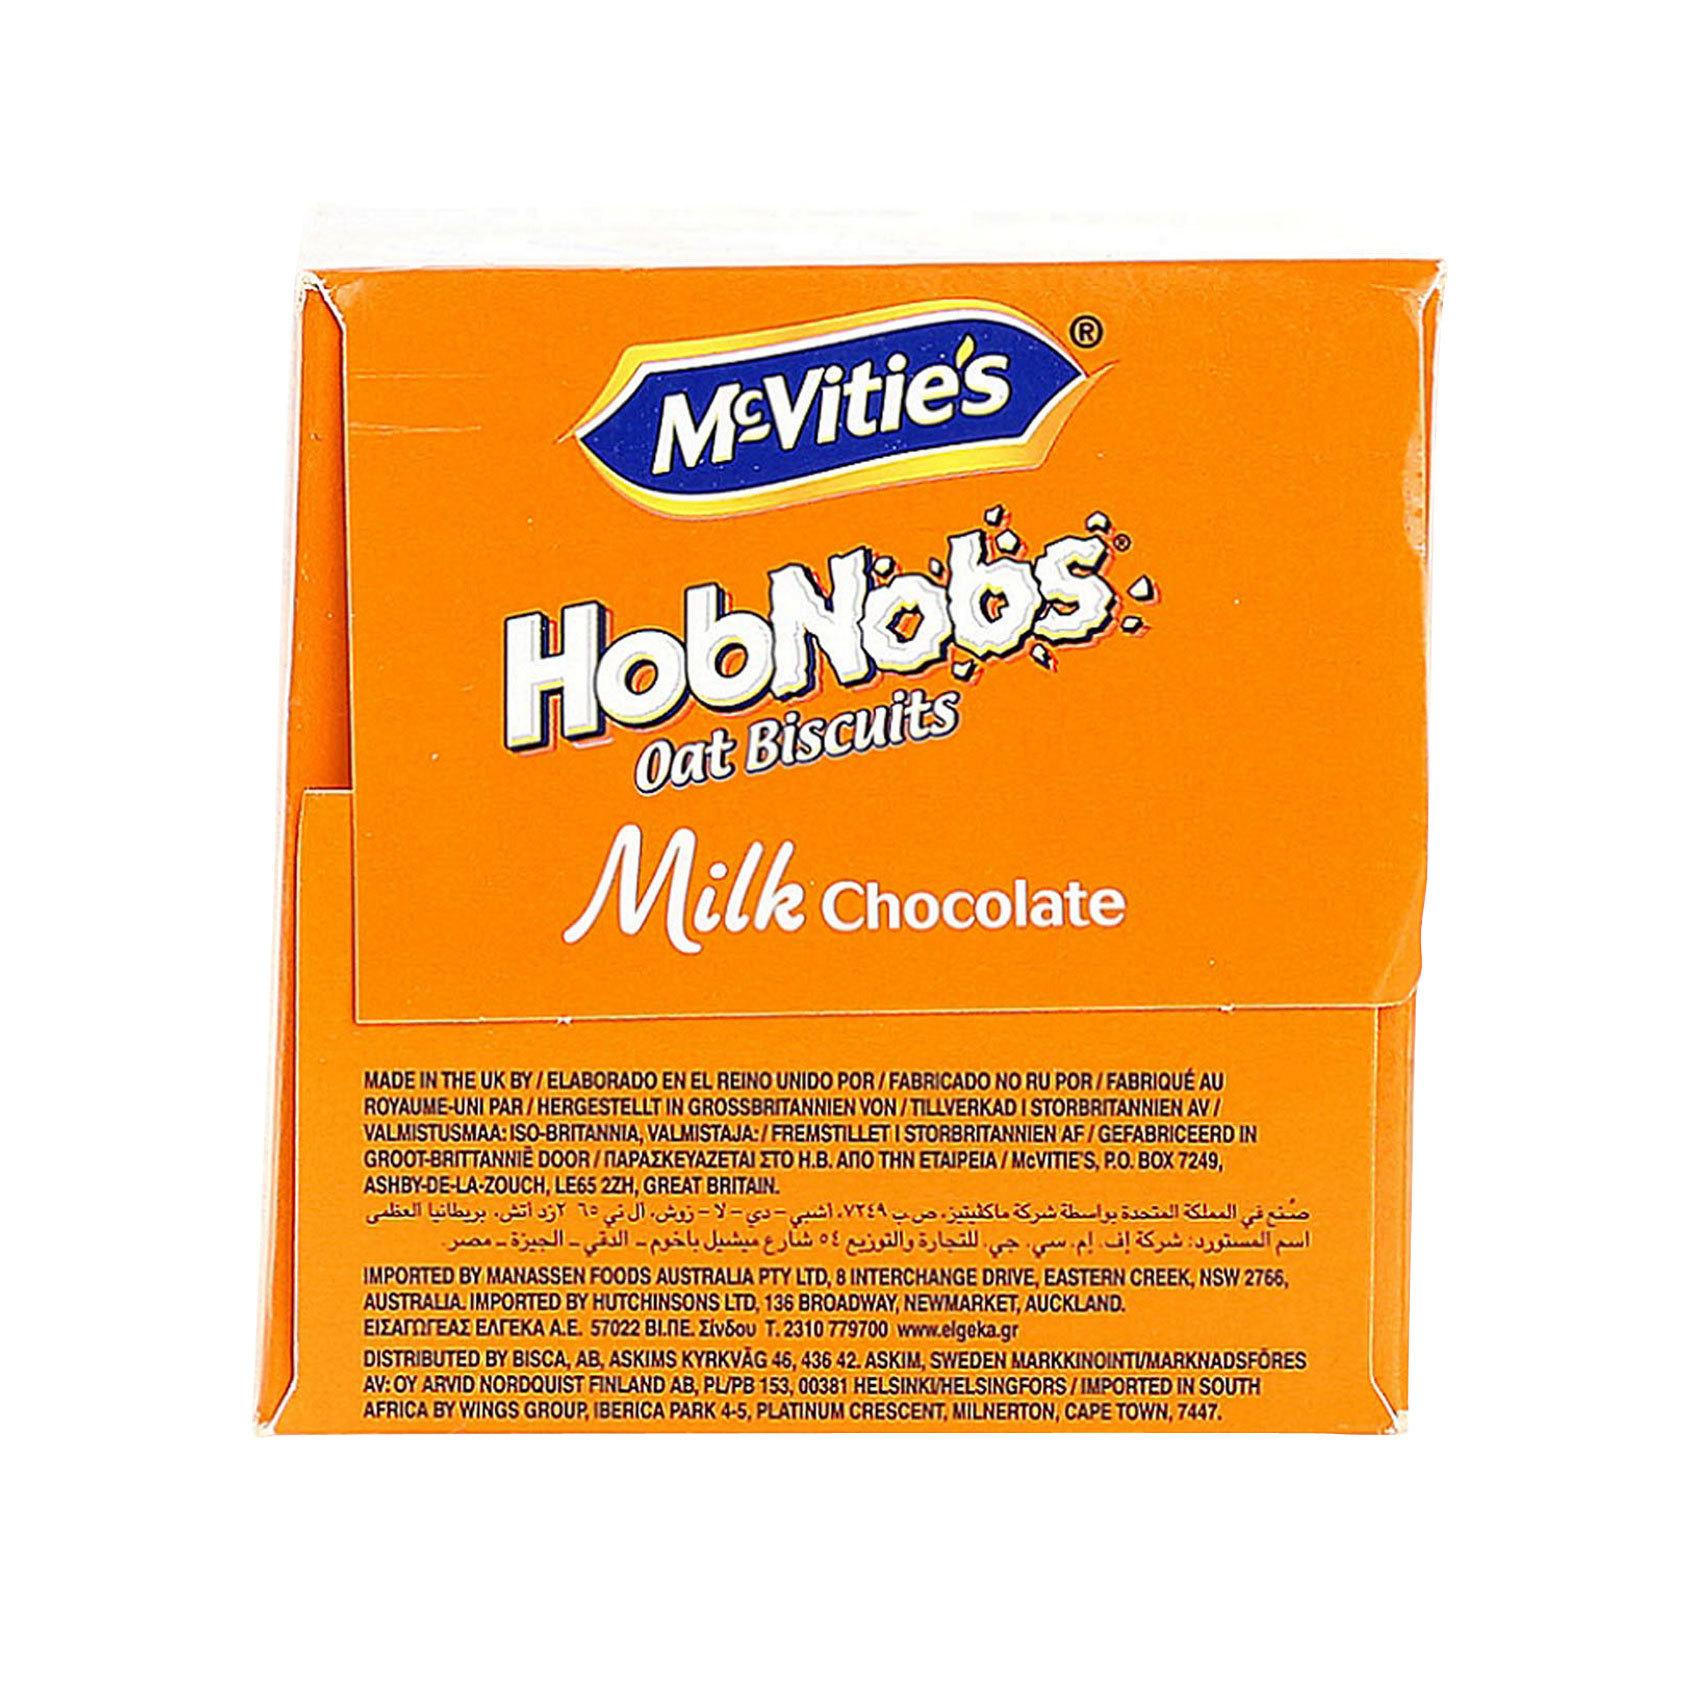 MC VITIES HOBNOBS MILK CHOC 300G